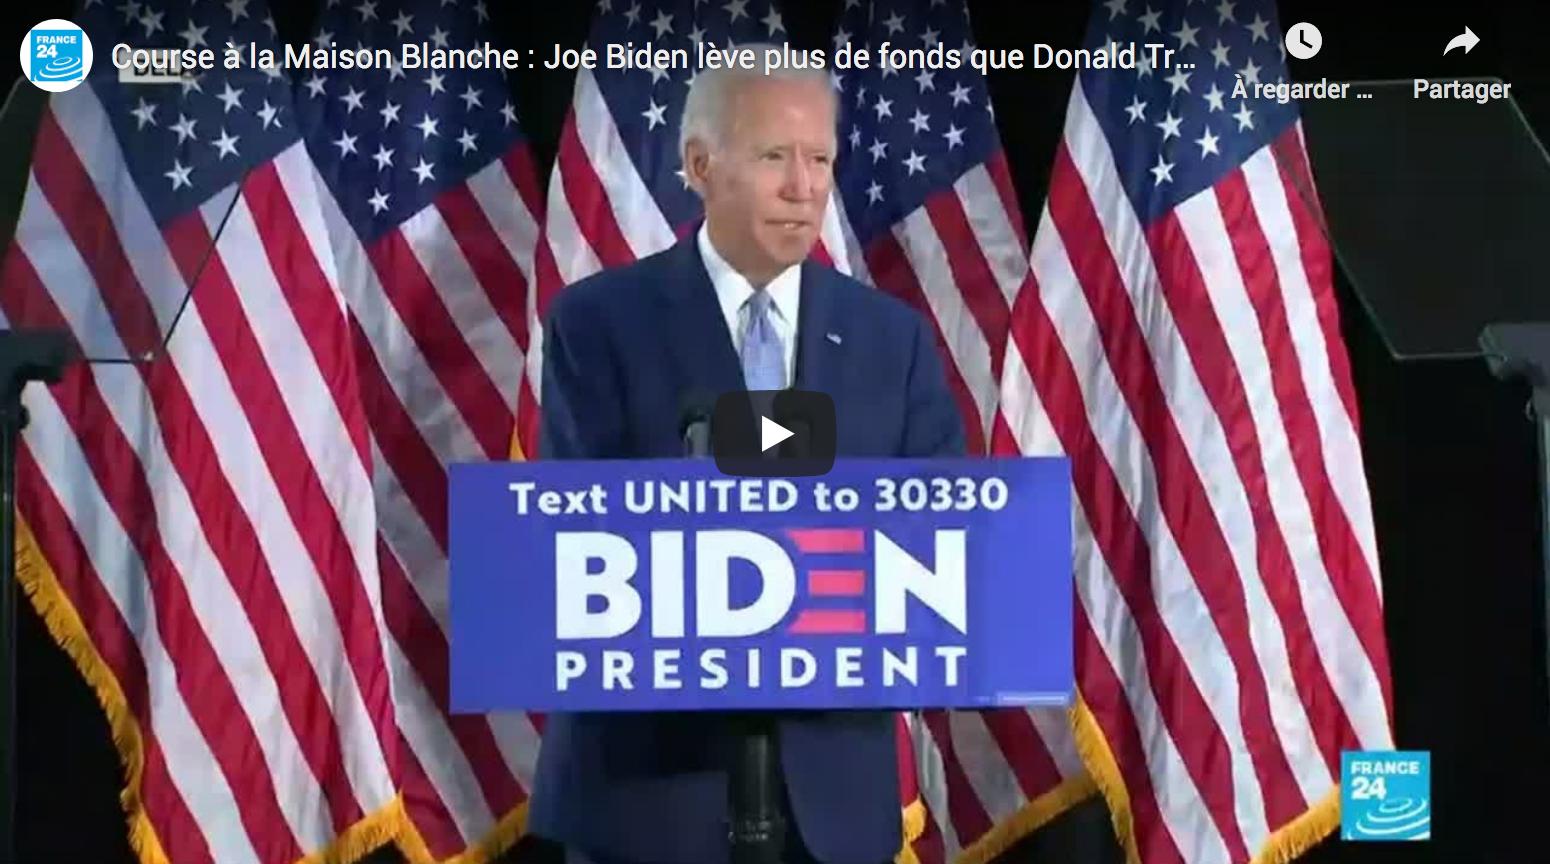 Course à la Maison Blanche : Pour la première fois, Joe Biden lève plus de fonds que Donald Trump